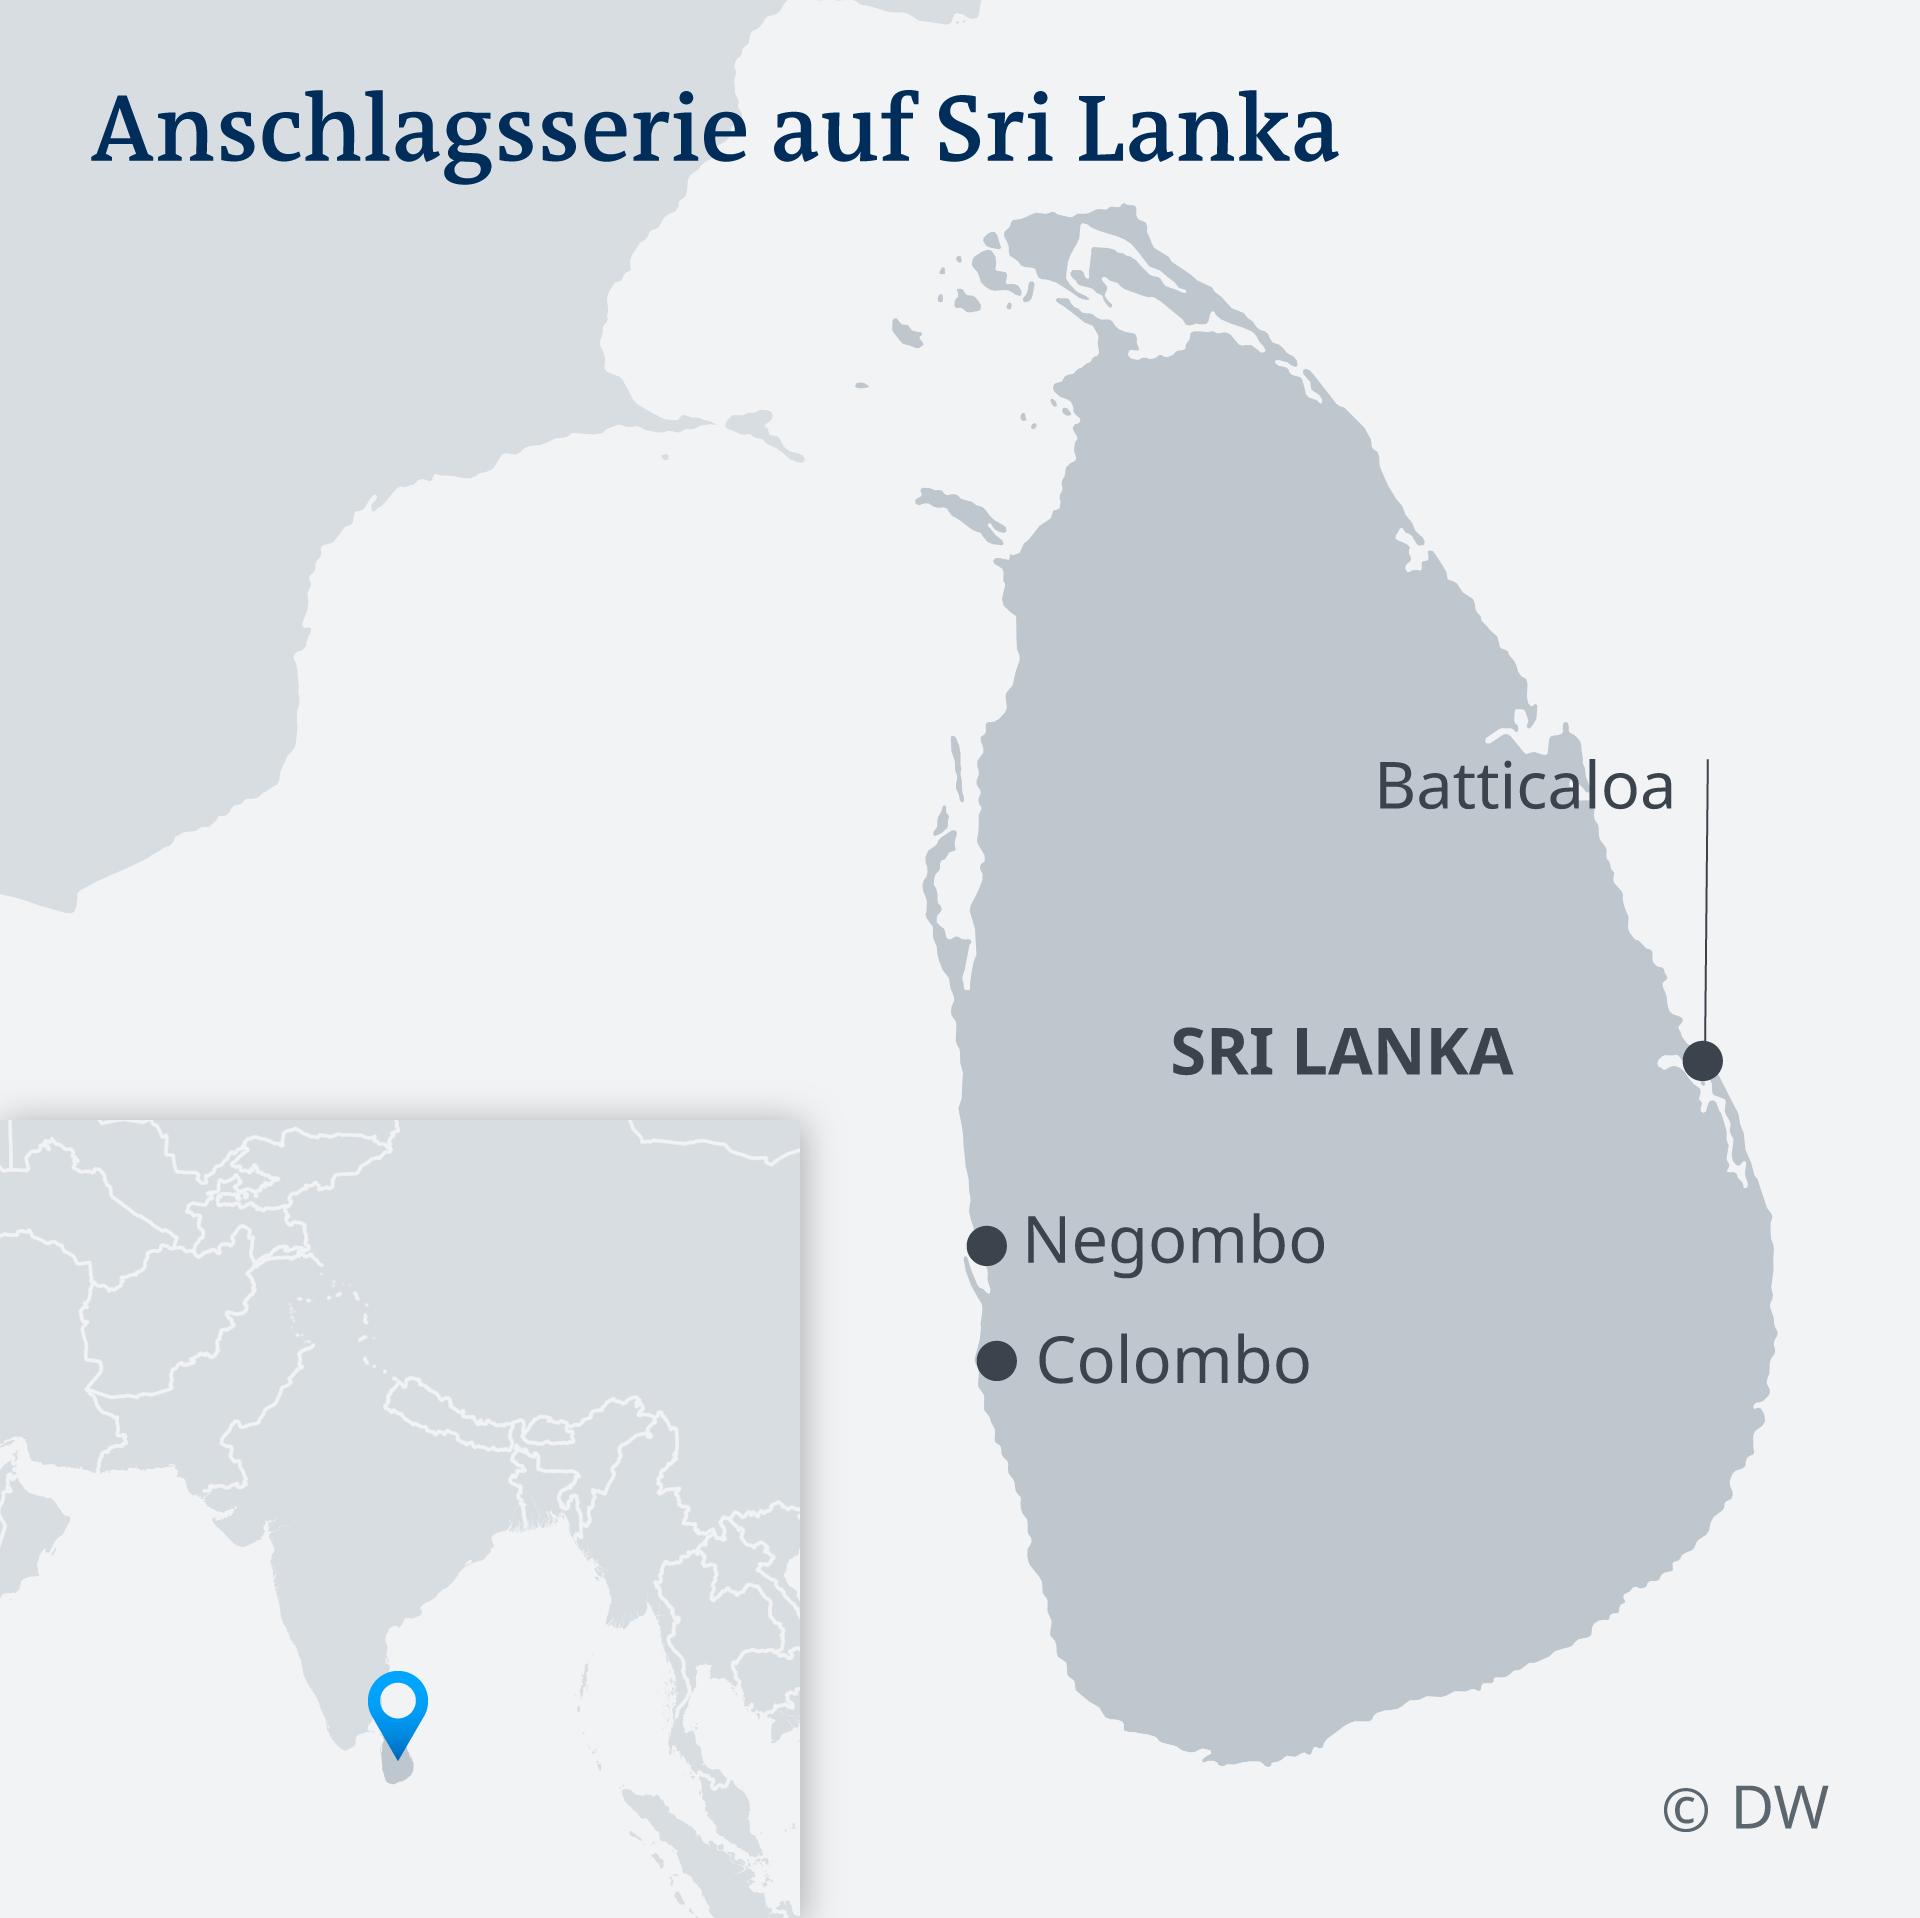 Sri Lanka Karte Zum Drucken.Islamisten Gruppe Soll Anschläge Auf Sri Lanka Verübt Haben